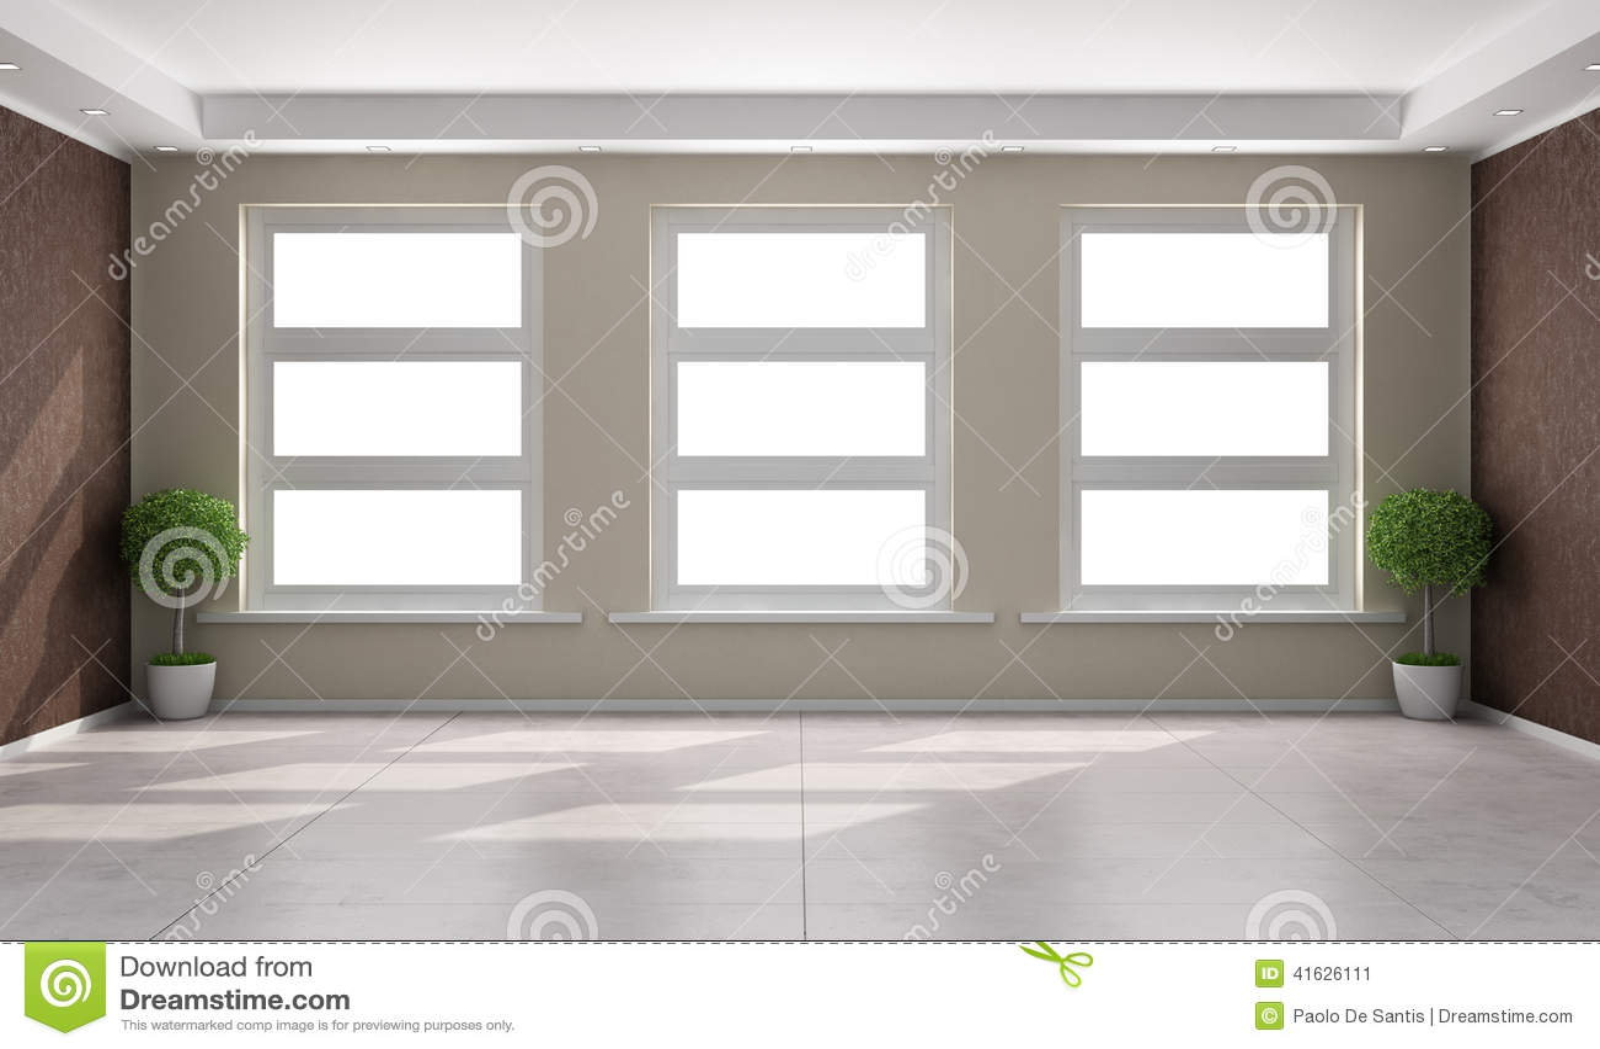 Minimalistische Bruine Woonkamer Royalty-vrije Stock Afbeelding ...